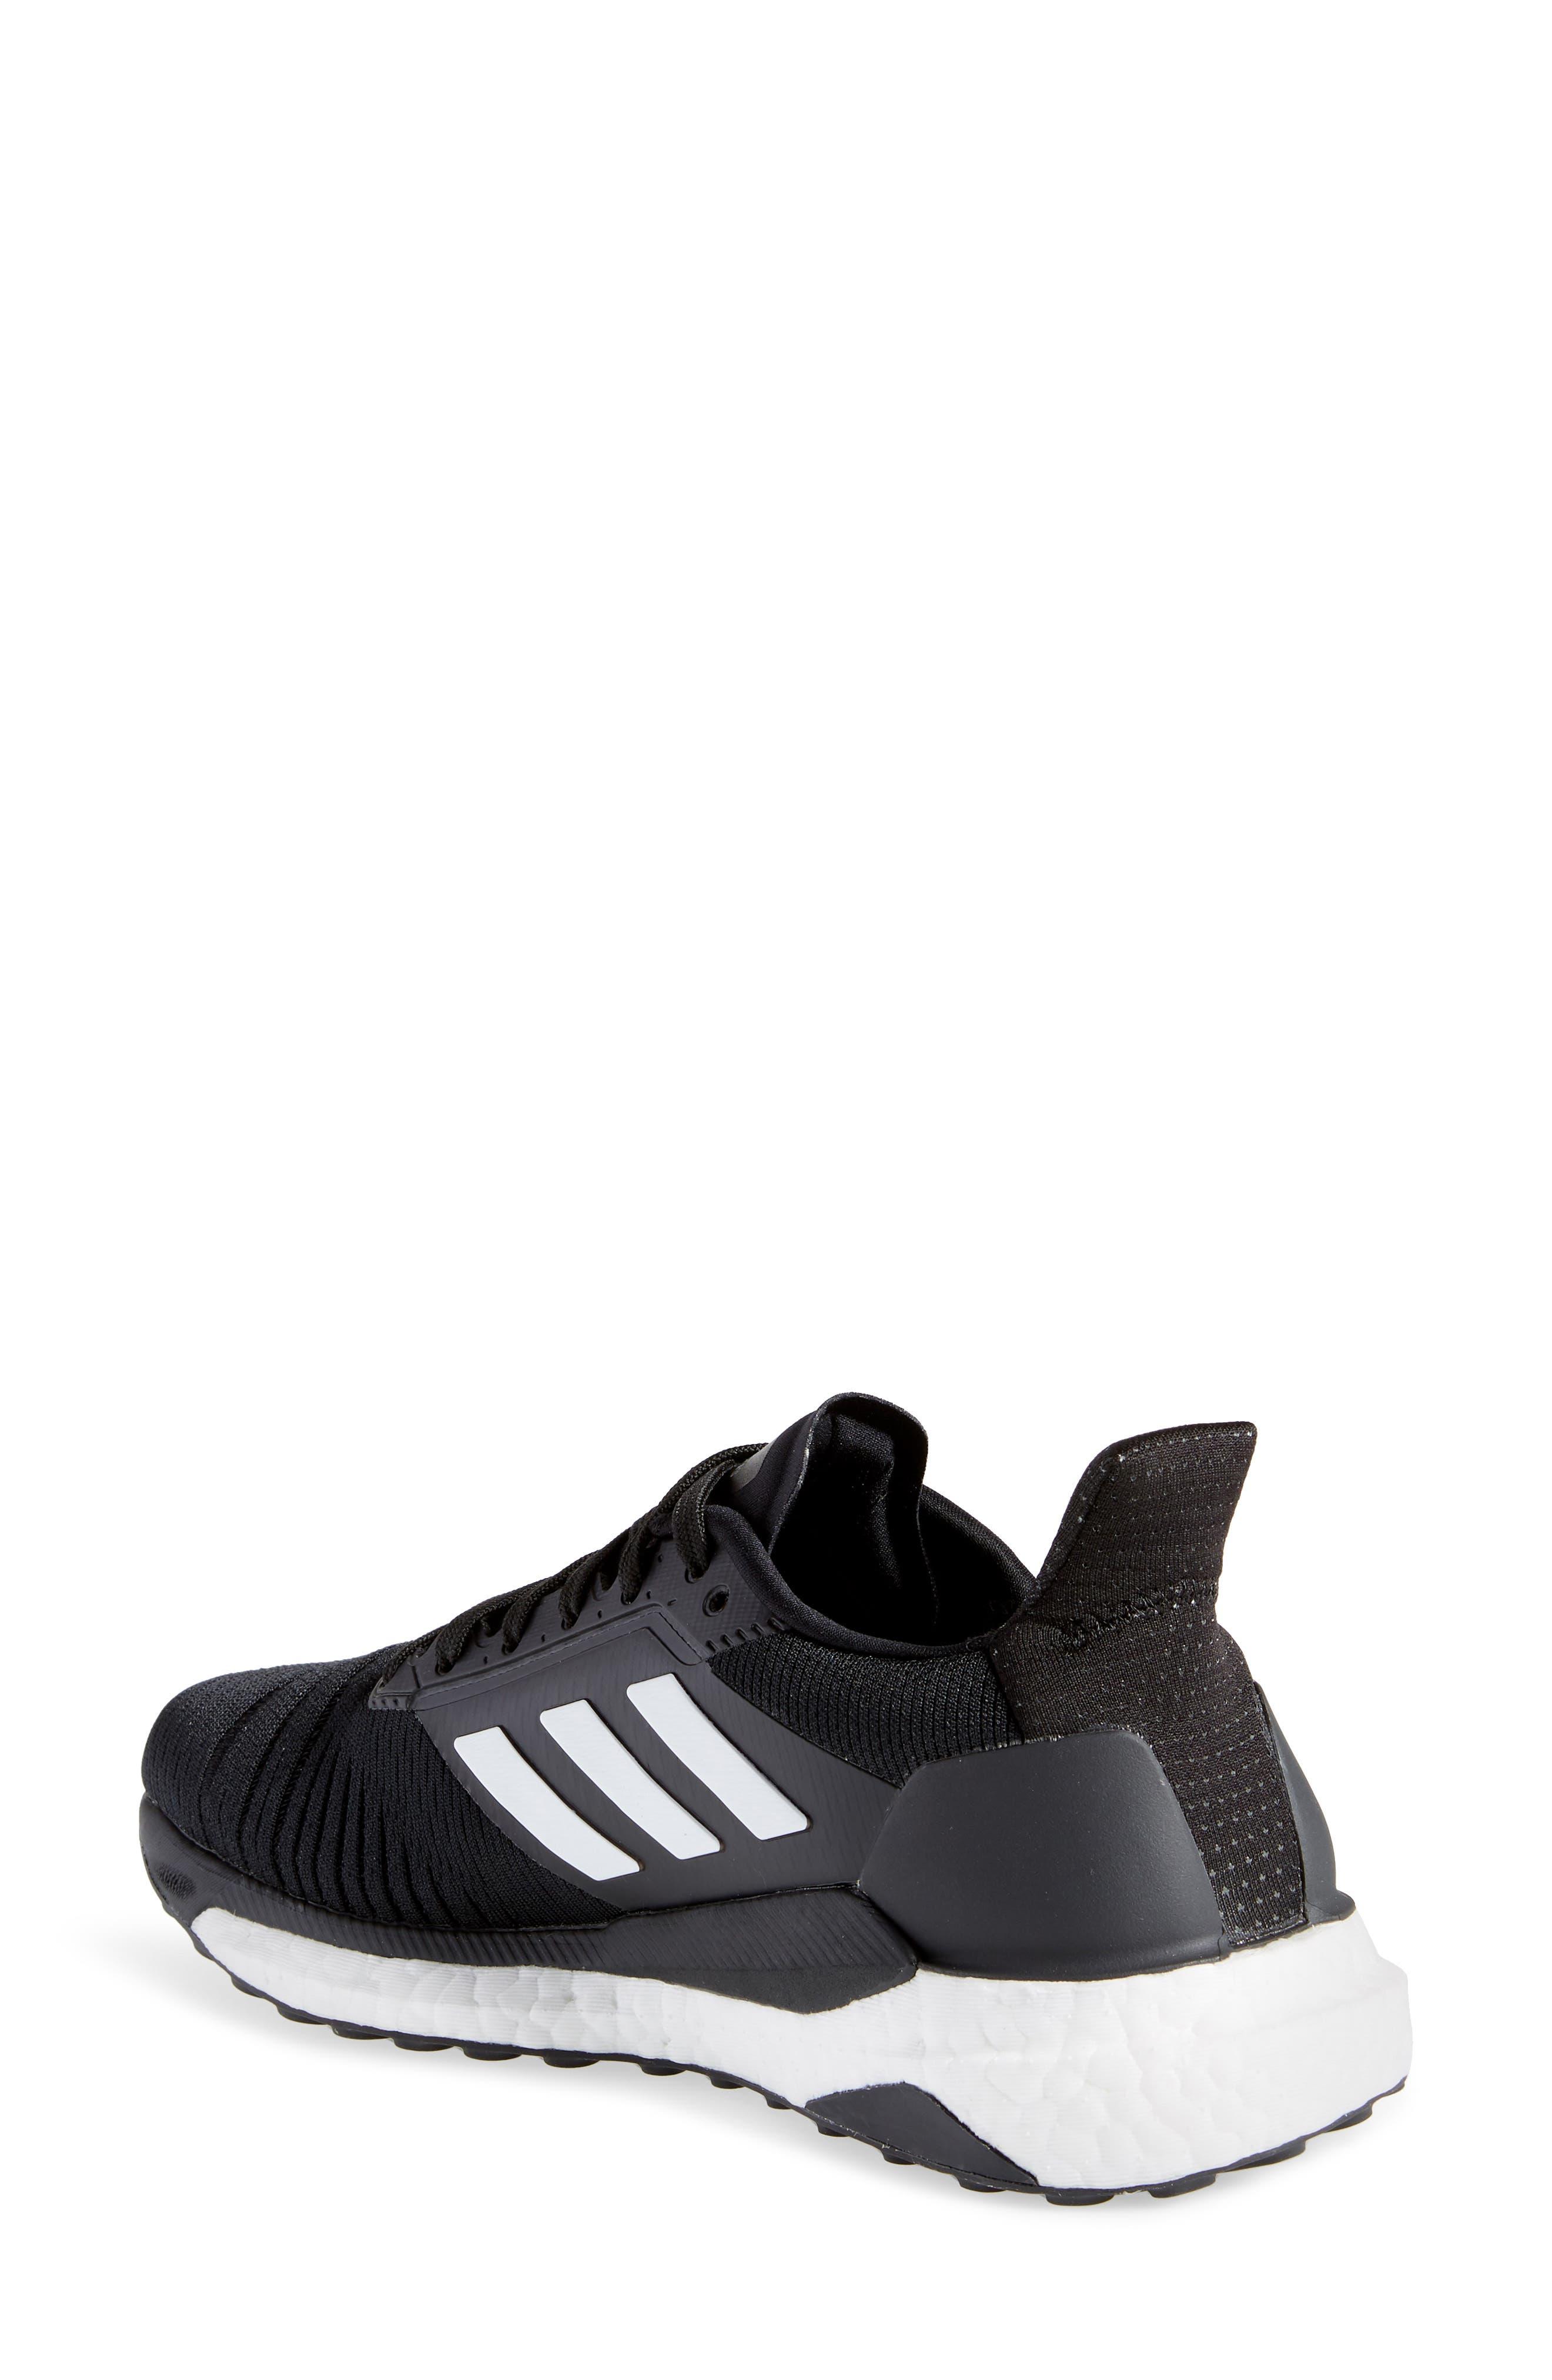 Solar Glide Running Shoe,                             Alternate thumbnail 2, color,                             BLACK/ WHITE/ BLACK